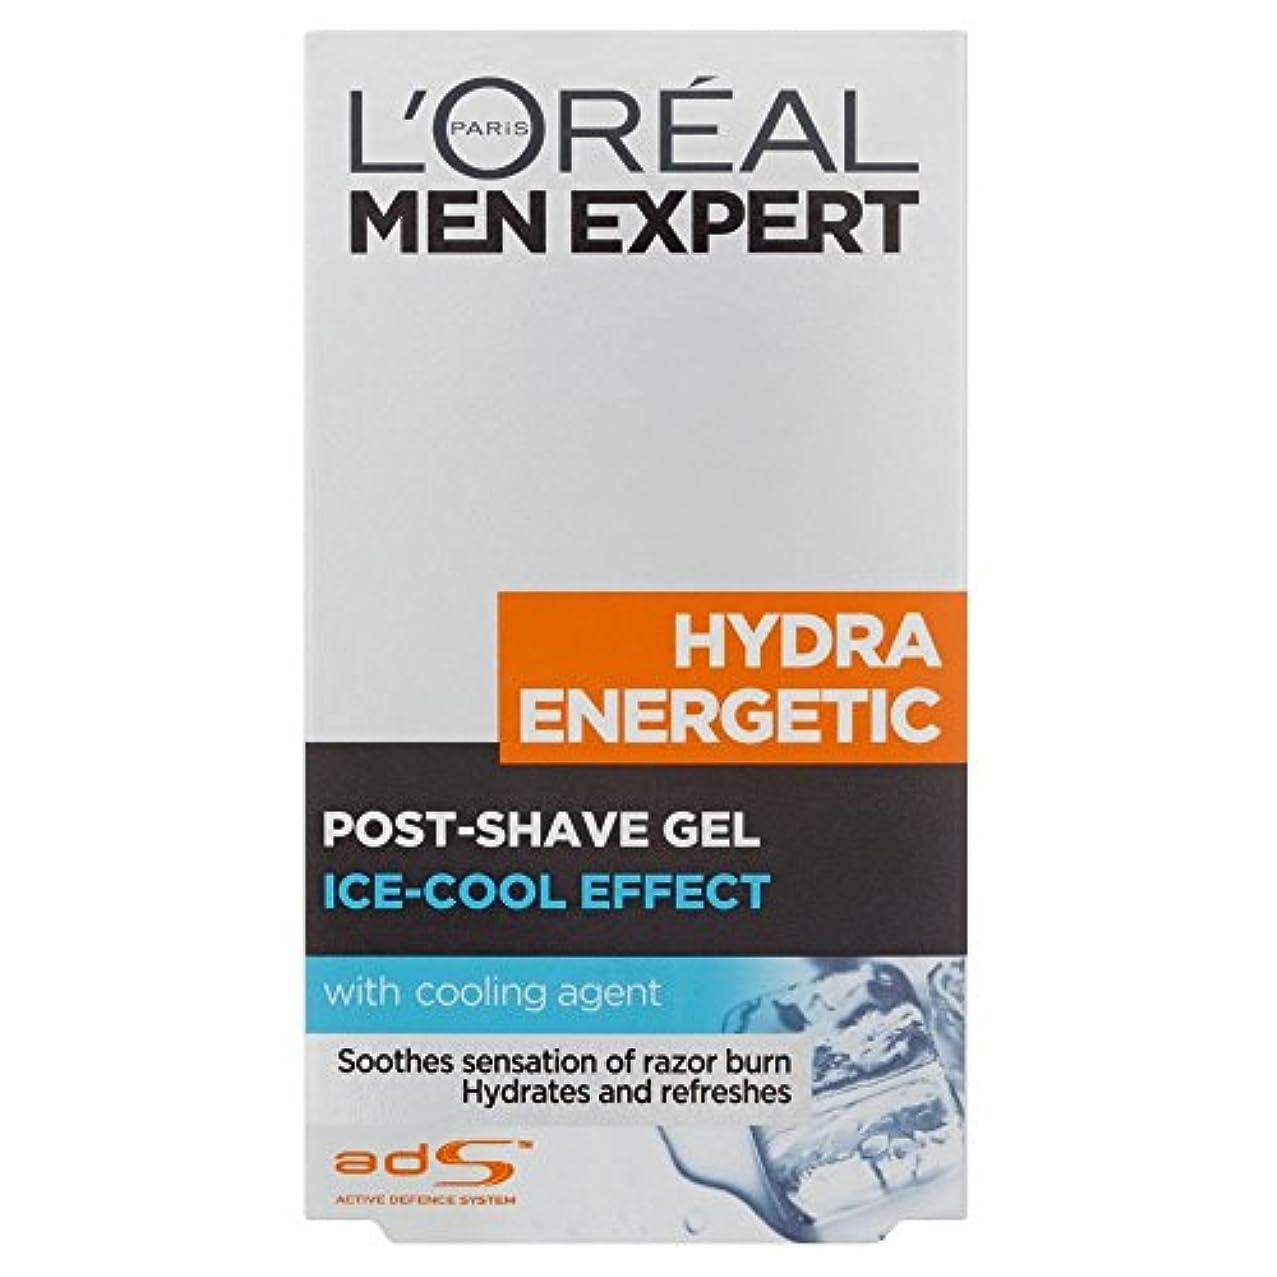 スリラー役に立たない交渉するL'Oreal Paris Men Expert Hydra Energetic Post Shave Balm (100ml) L'オラ?アルパリのメンズ専門ヒドラエネルギッシュなポストシェーブバーム( 100ミリリットル...